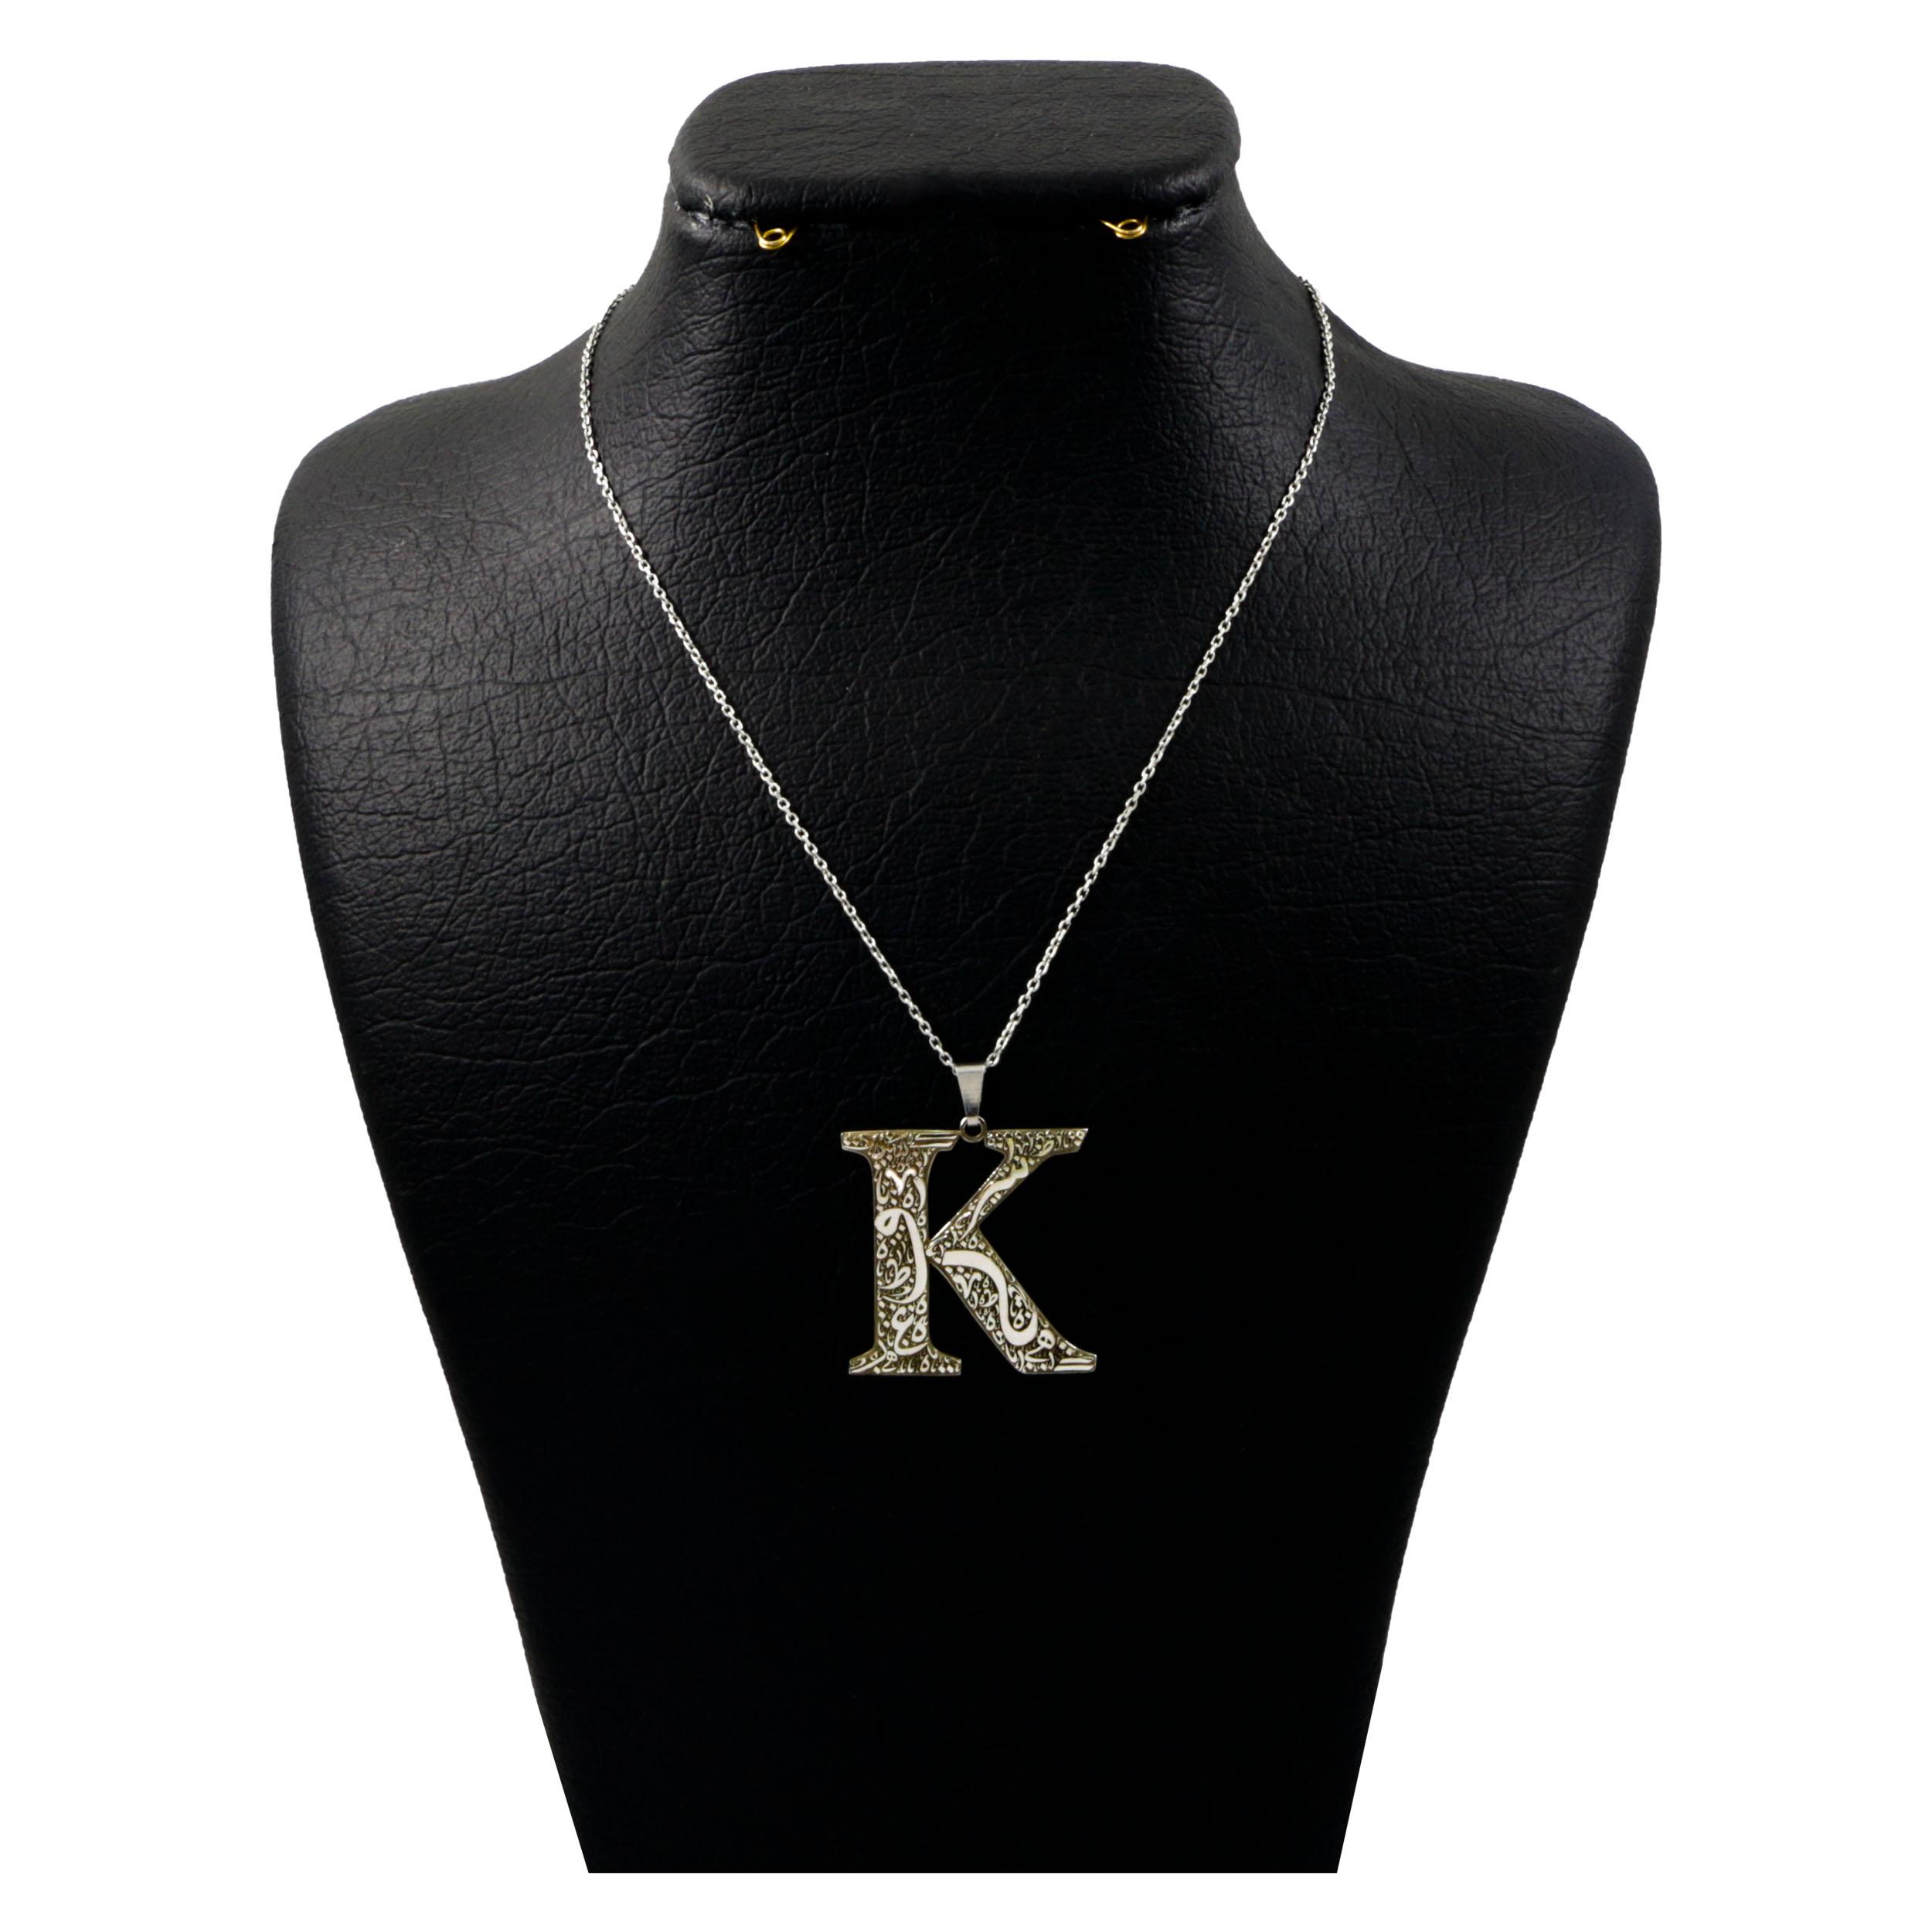 گردنبند نقره زنانه دلی جم طرح  حرف K قلم زنی کد D 231